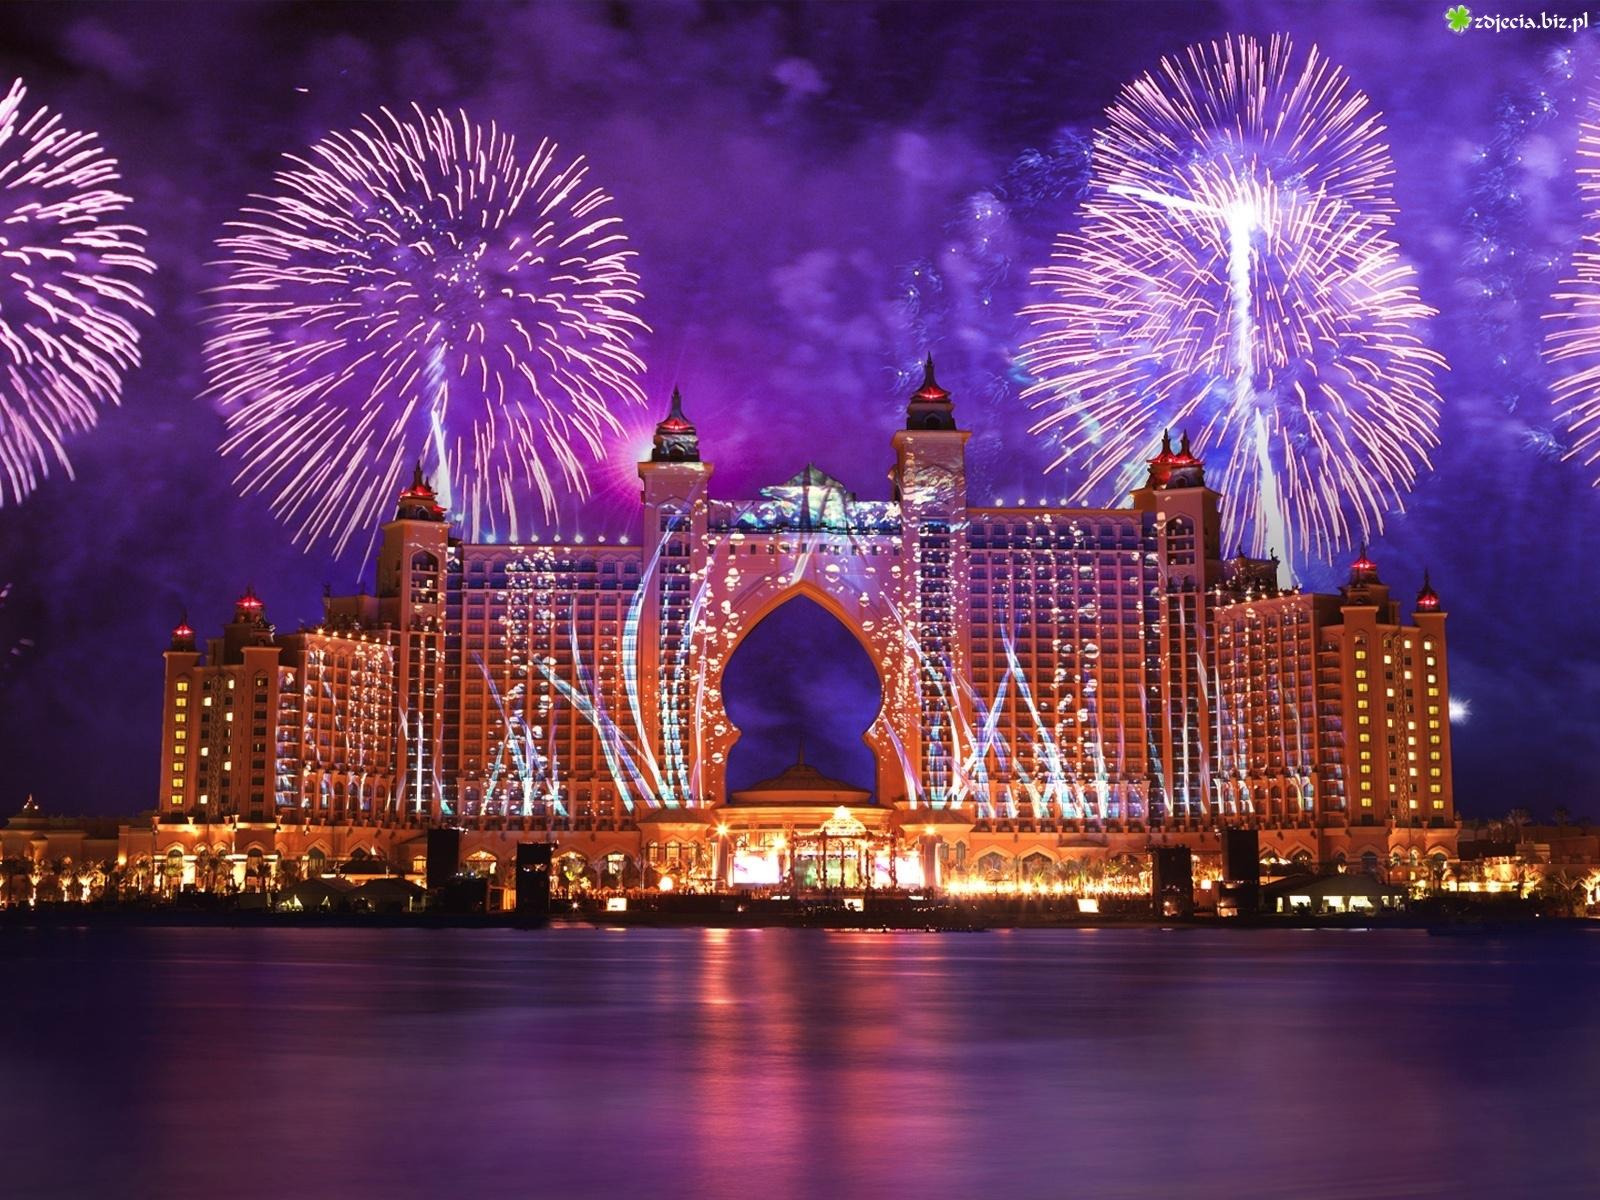 hotel-dubaj-fajerwerki